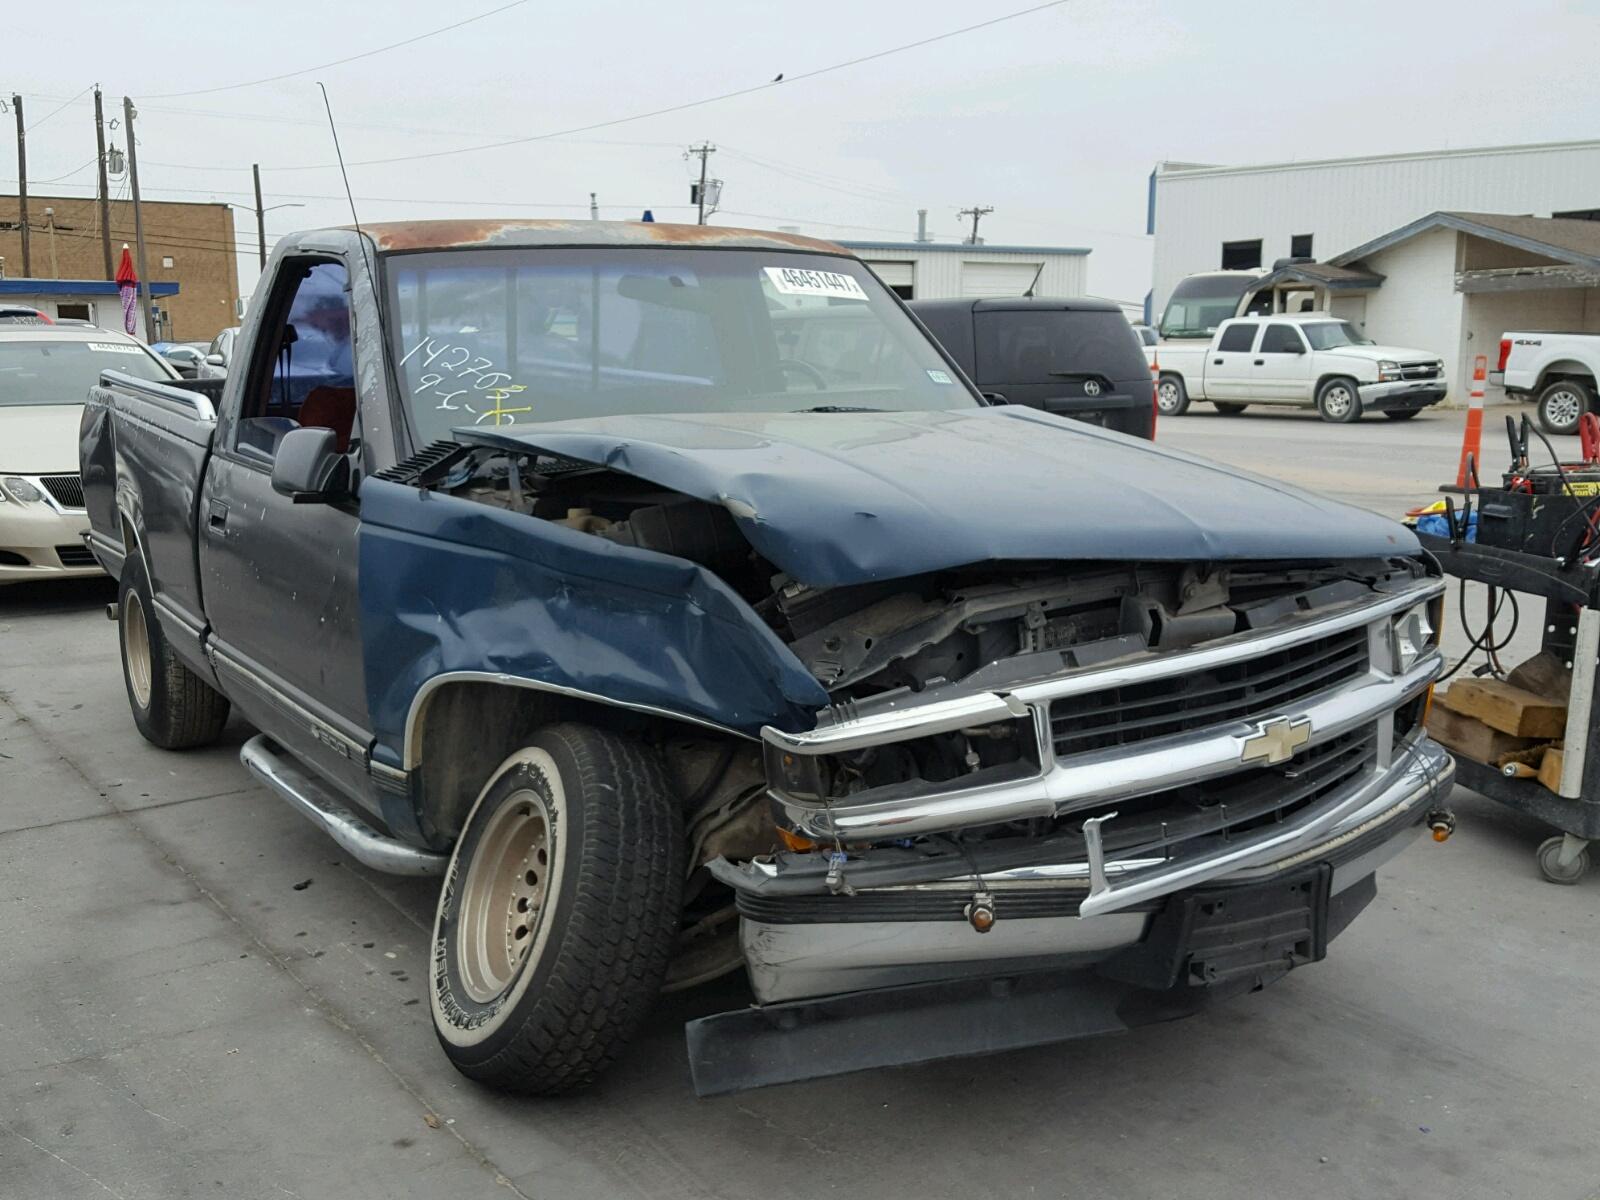 Auto Auction Ended On Vin 2gcec19k8m1242570 1991